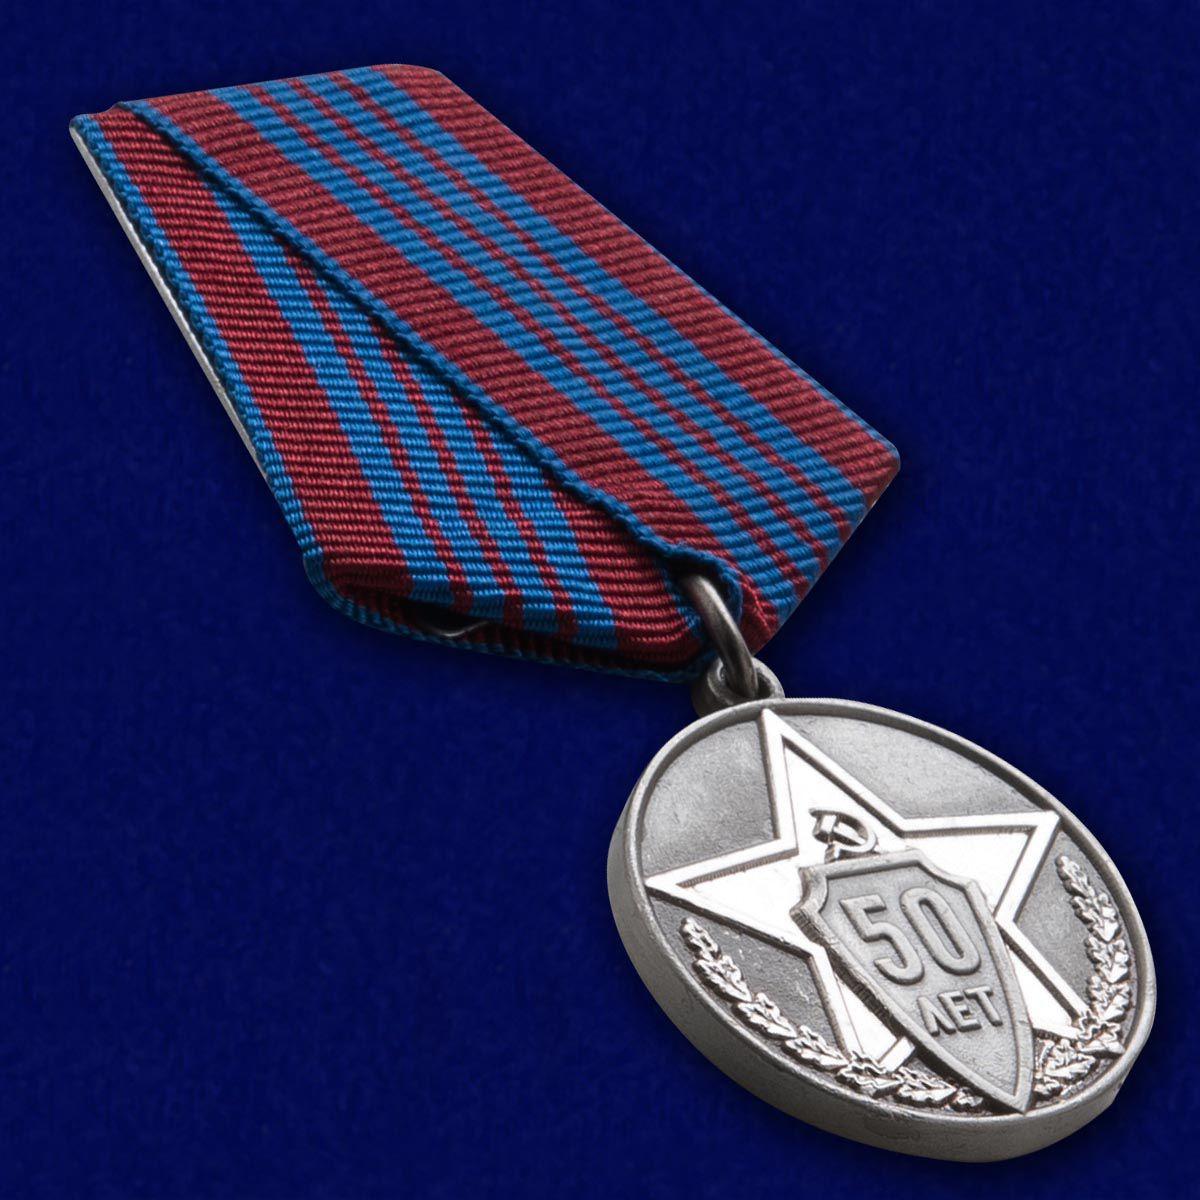 Памятная медаль 50 лет советской милиции - общий вид